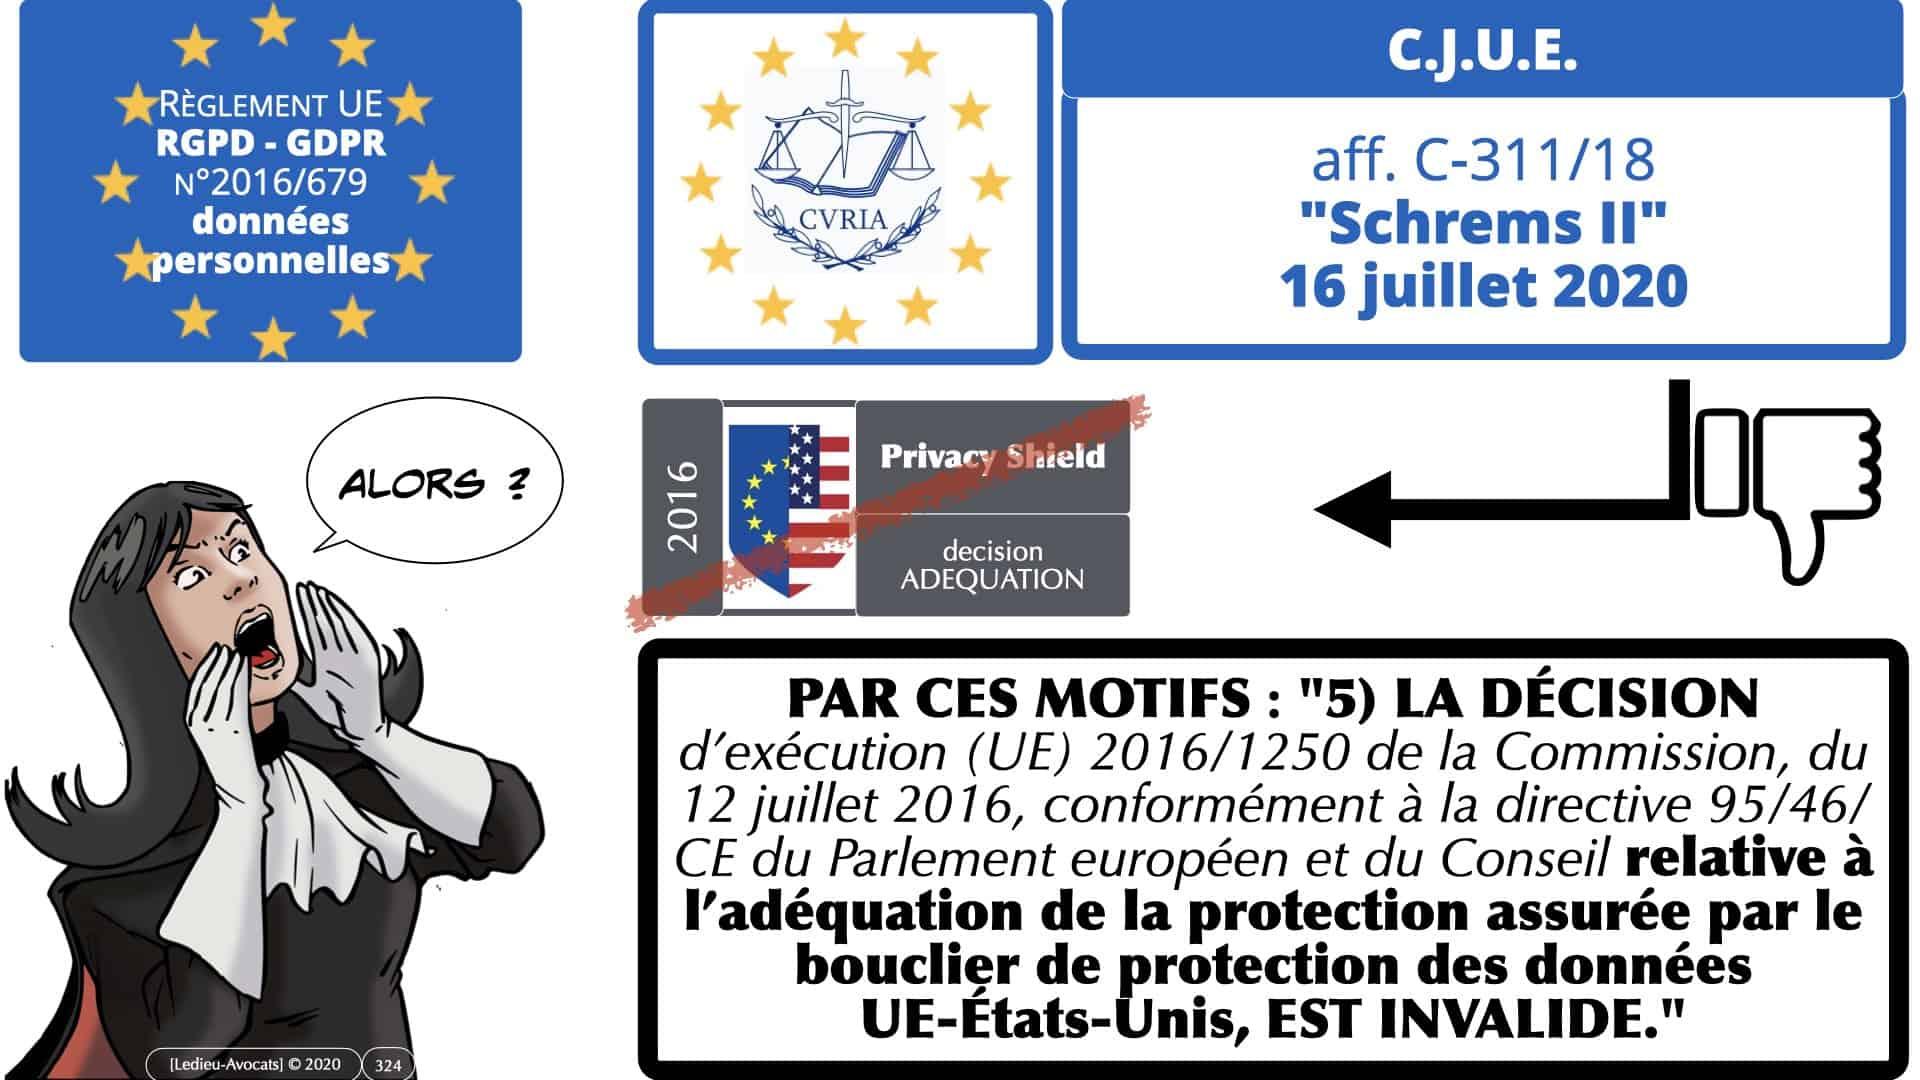 RGPD e-Privacy données personnelles jurisprudence formation Lamy Les Echos 10-02-2021 ©Ledieu-Avocats.324